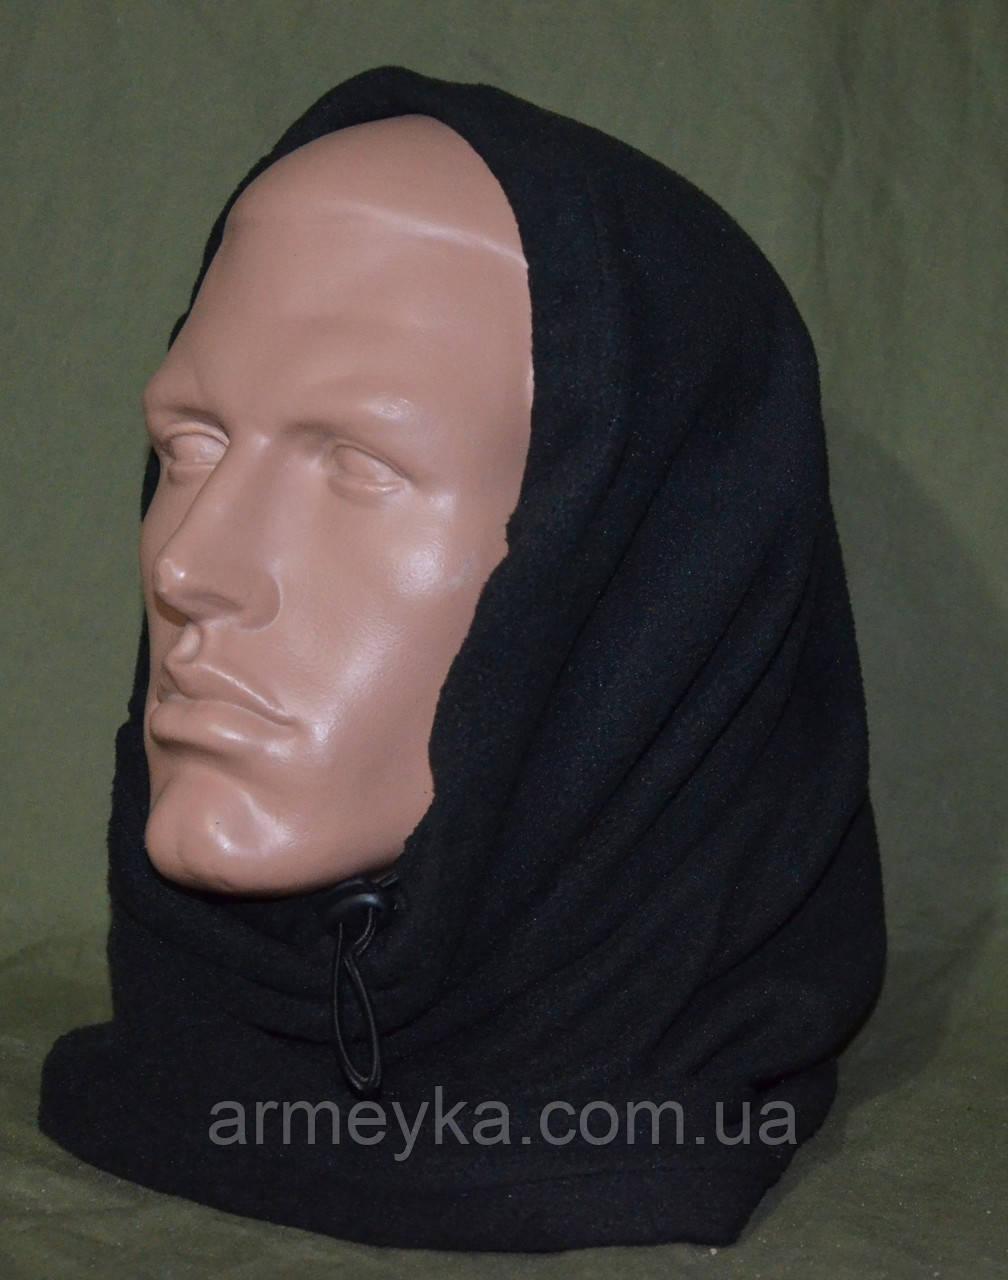 Зимний флисовый БАФ (шарф-труба)черный. НОВЫЙ, UA.